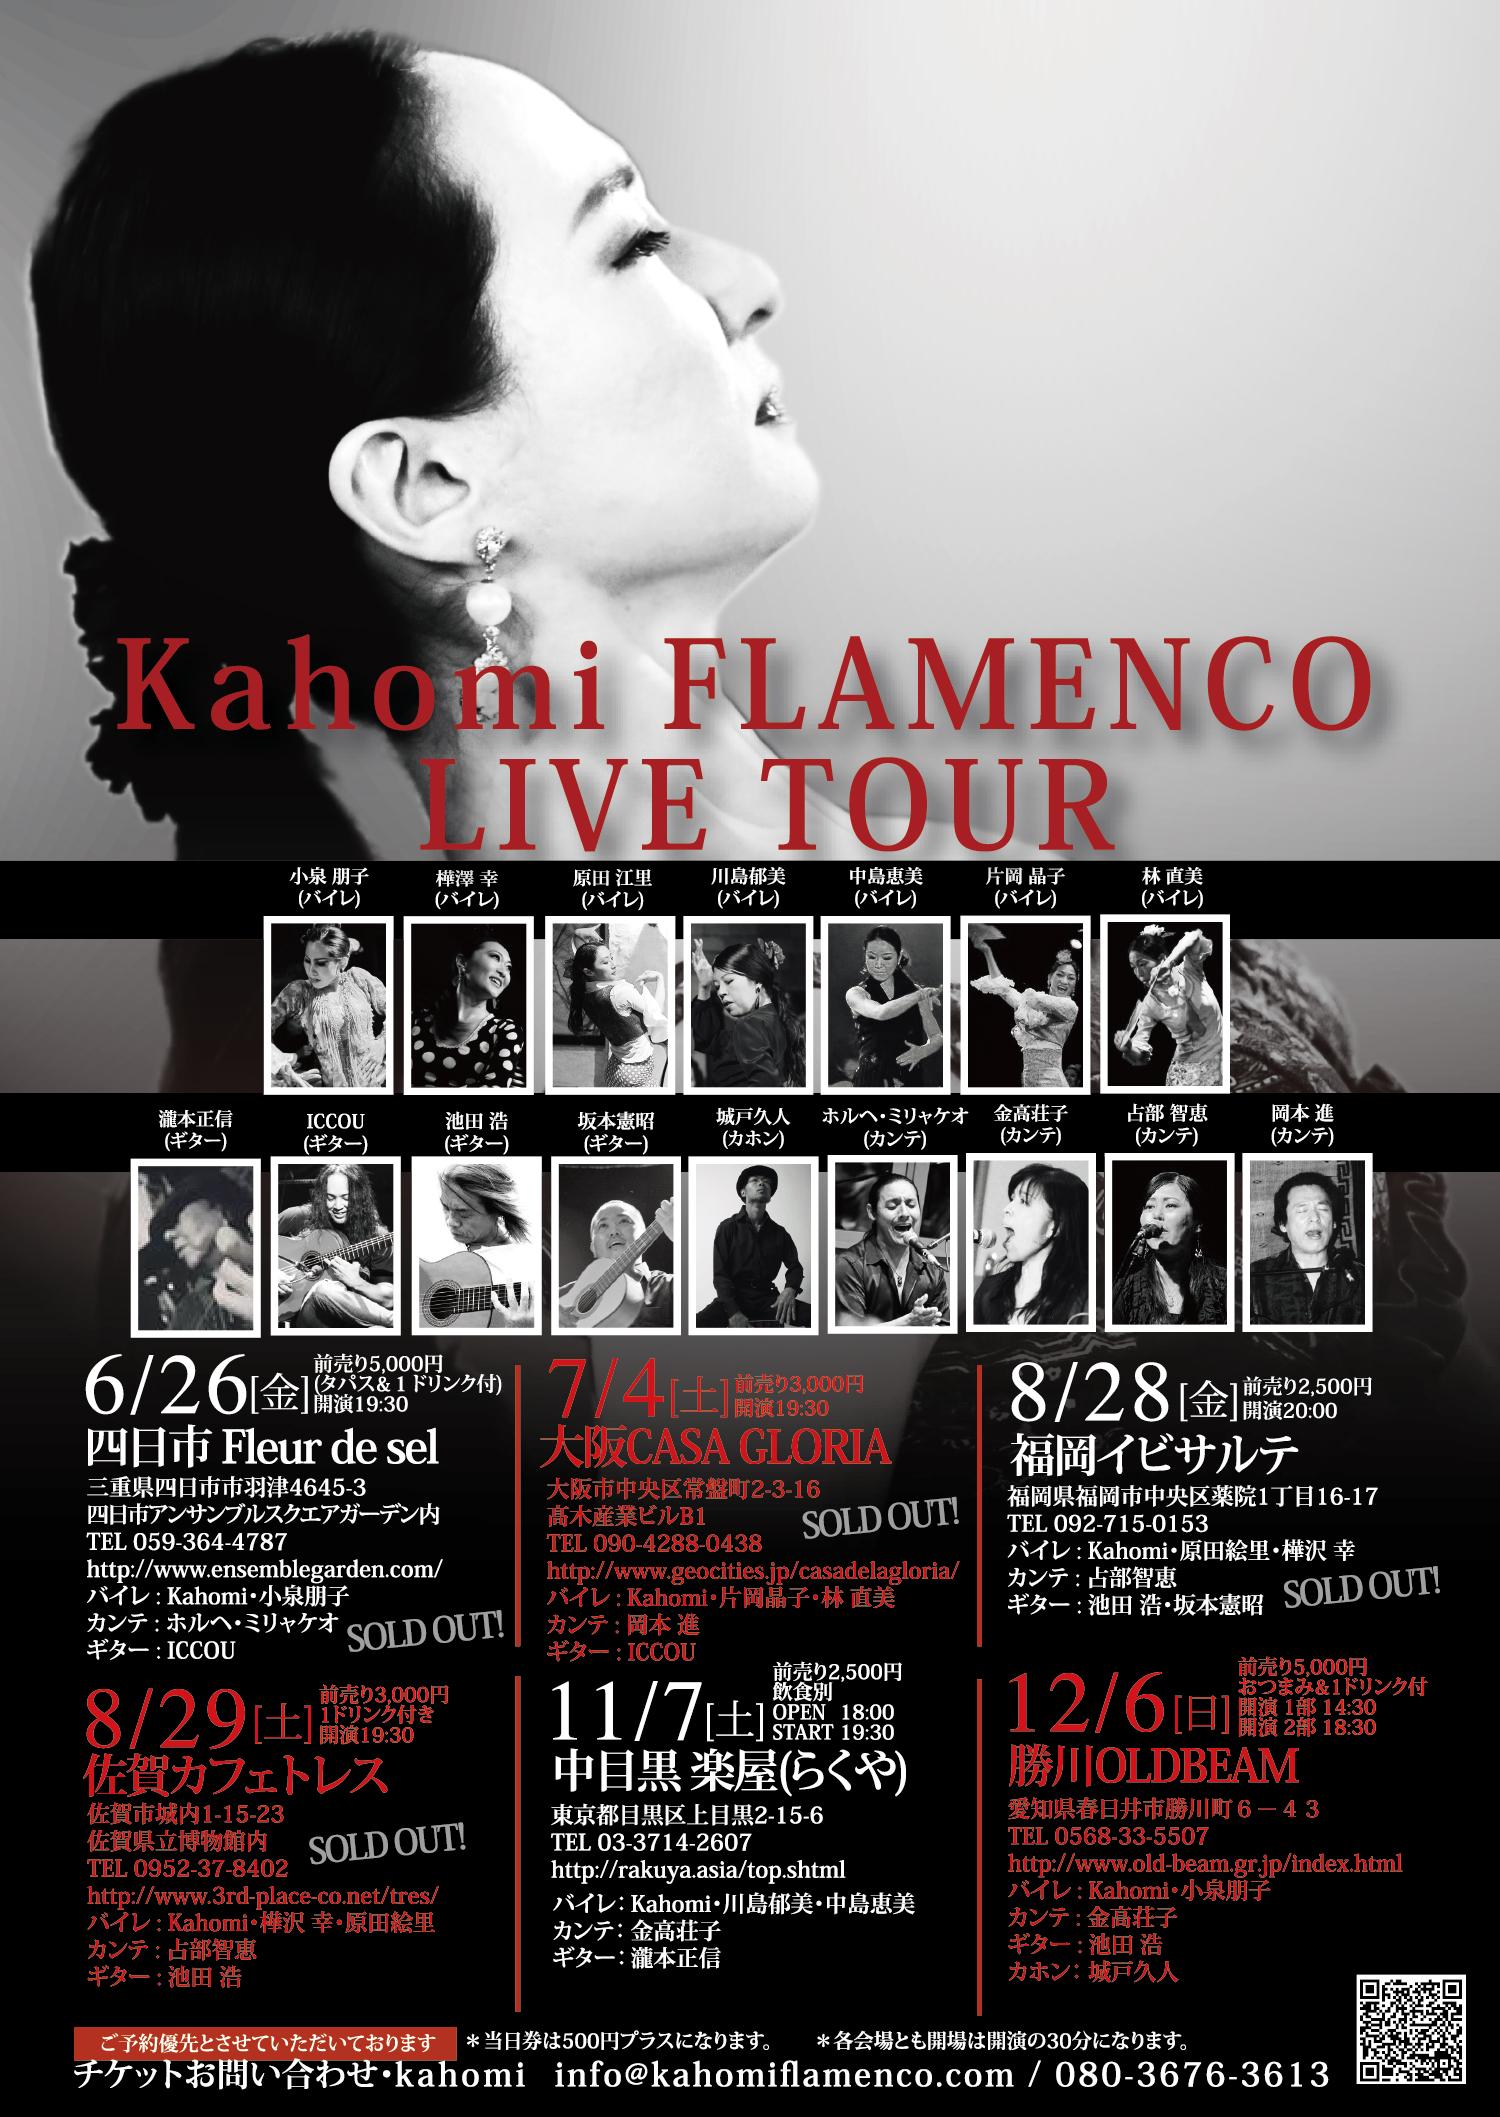 名古屋市東区のホームページ制作 パンフレット制作 ポスター制作会社のOaK 制作実績 Kahomi Flamenco 全国ツアーポスター制作